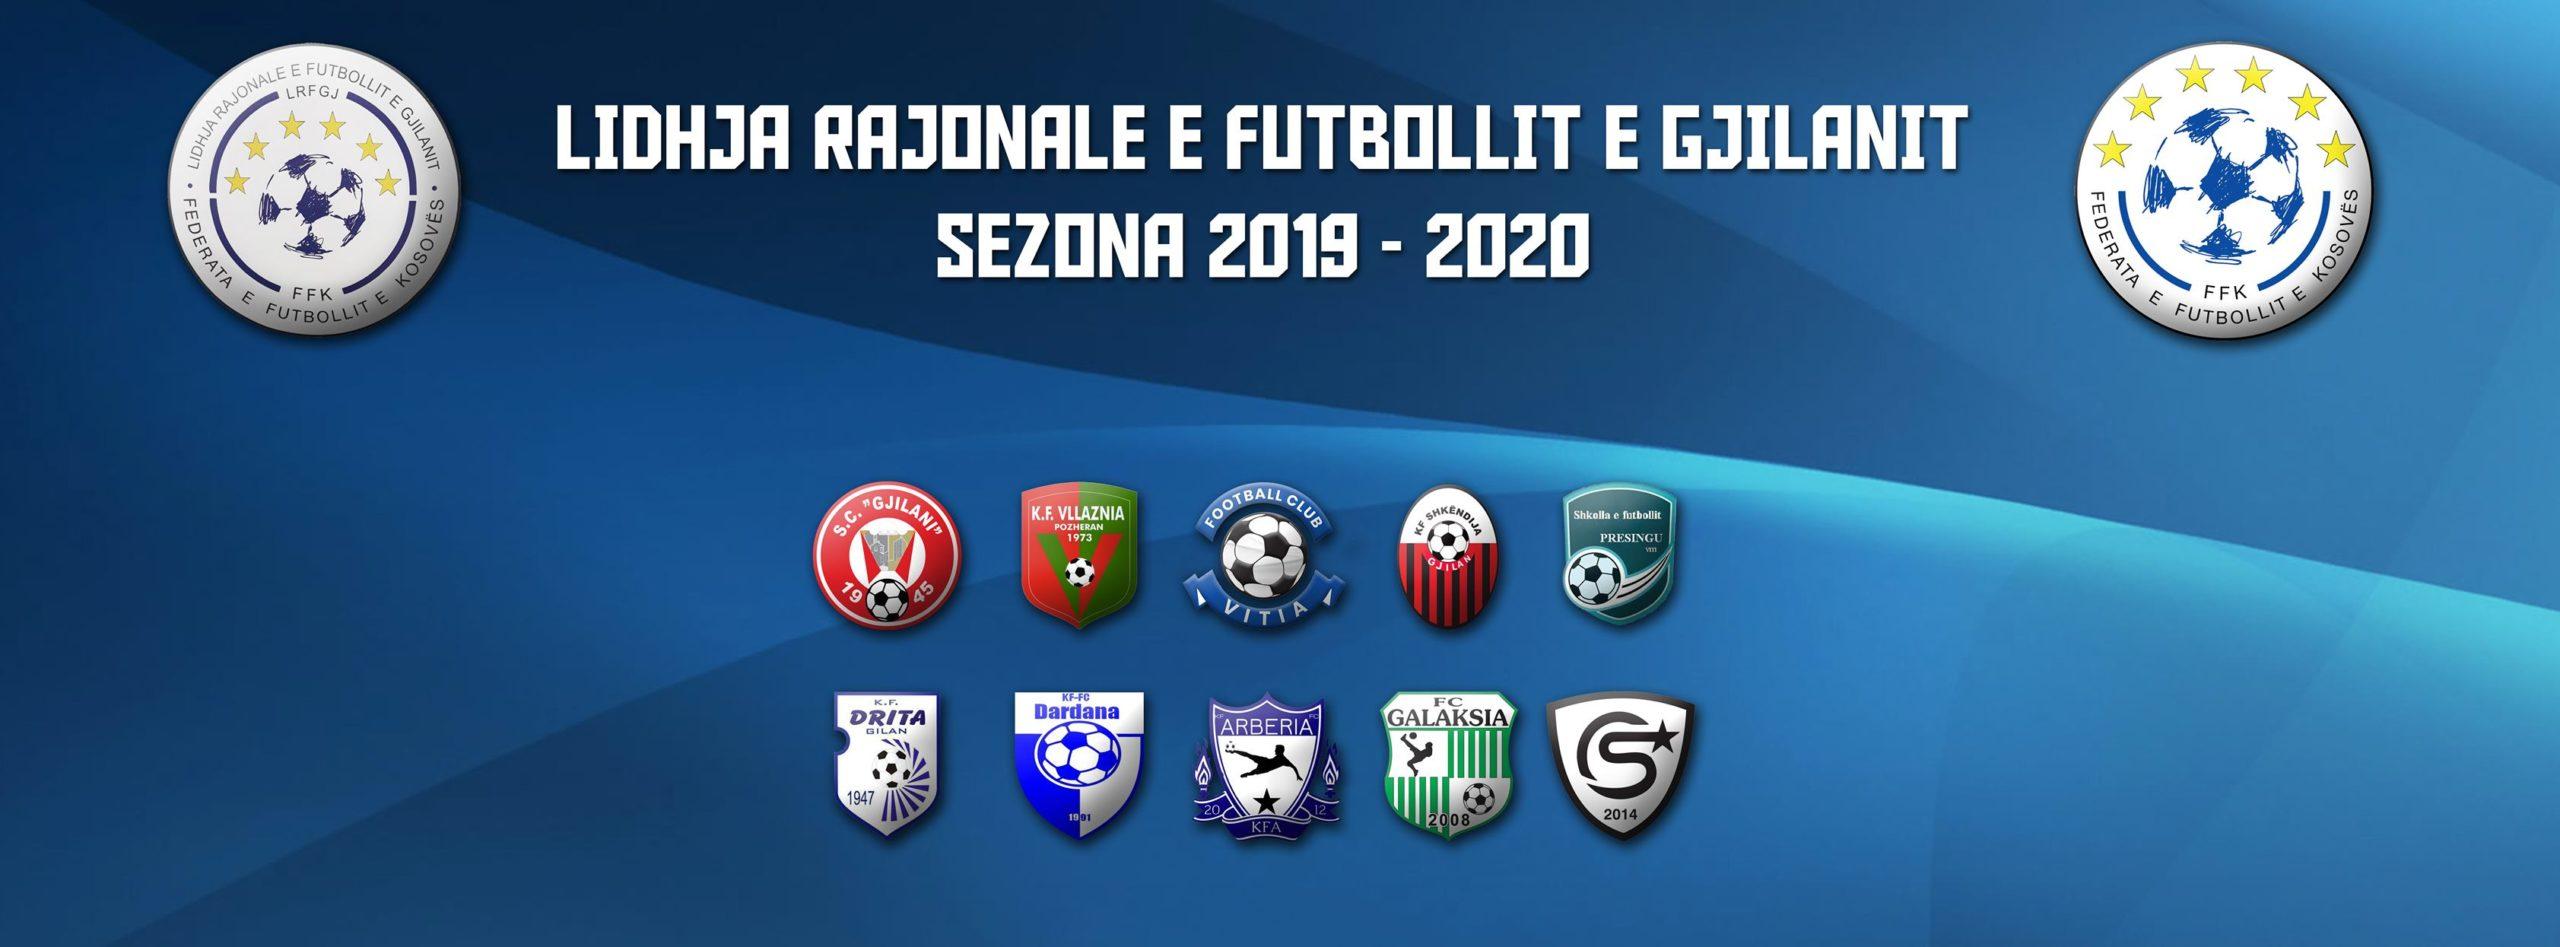 Lidhja Rajonale e Futbollit e Gjilanit hap fondin për familjen Abazi nga Gjilani